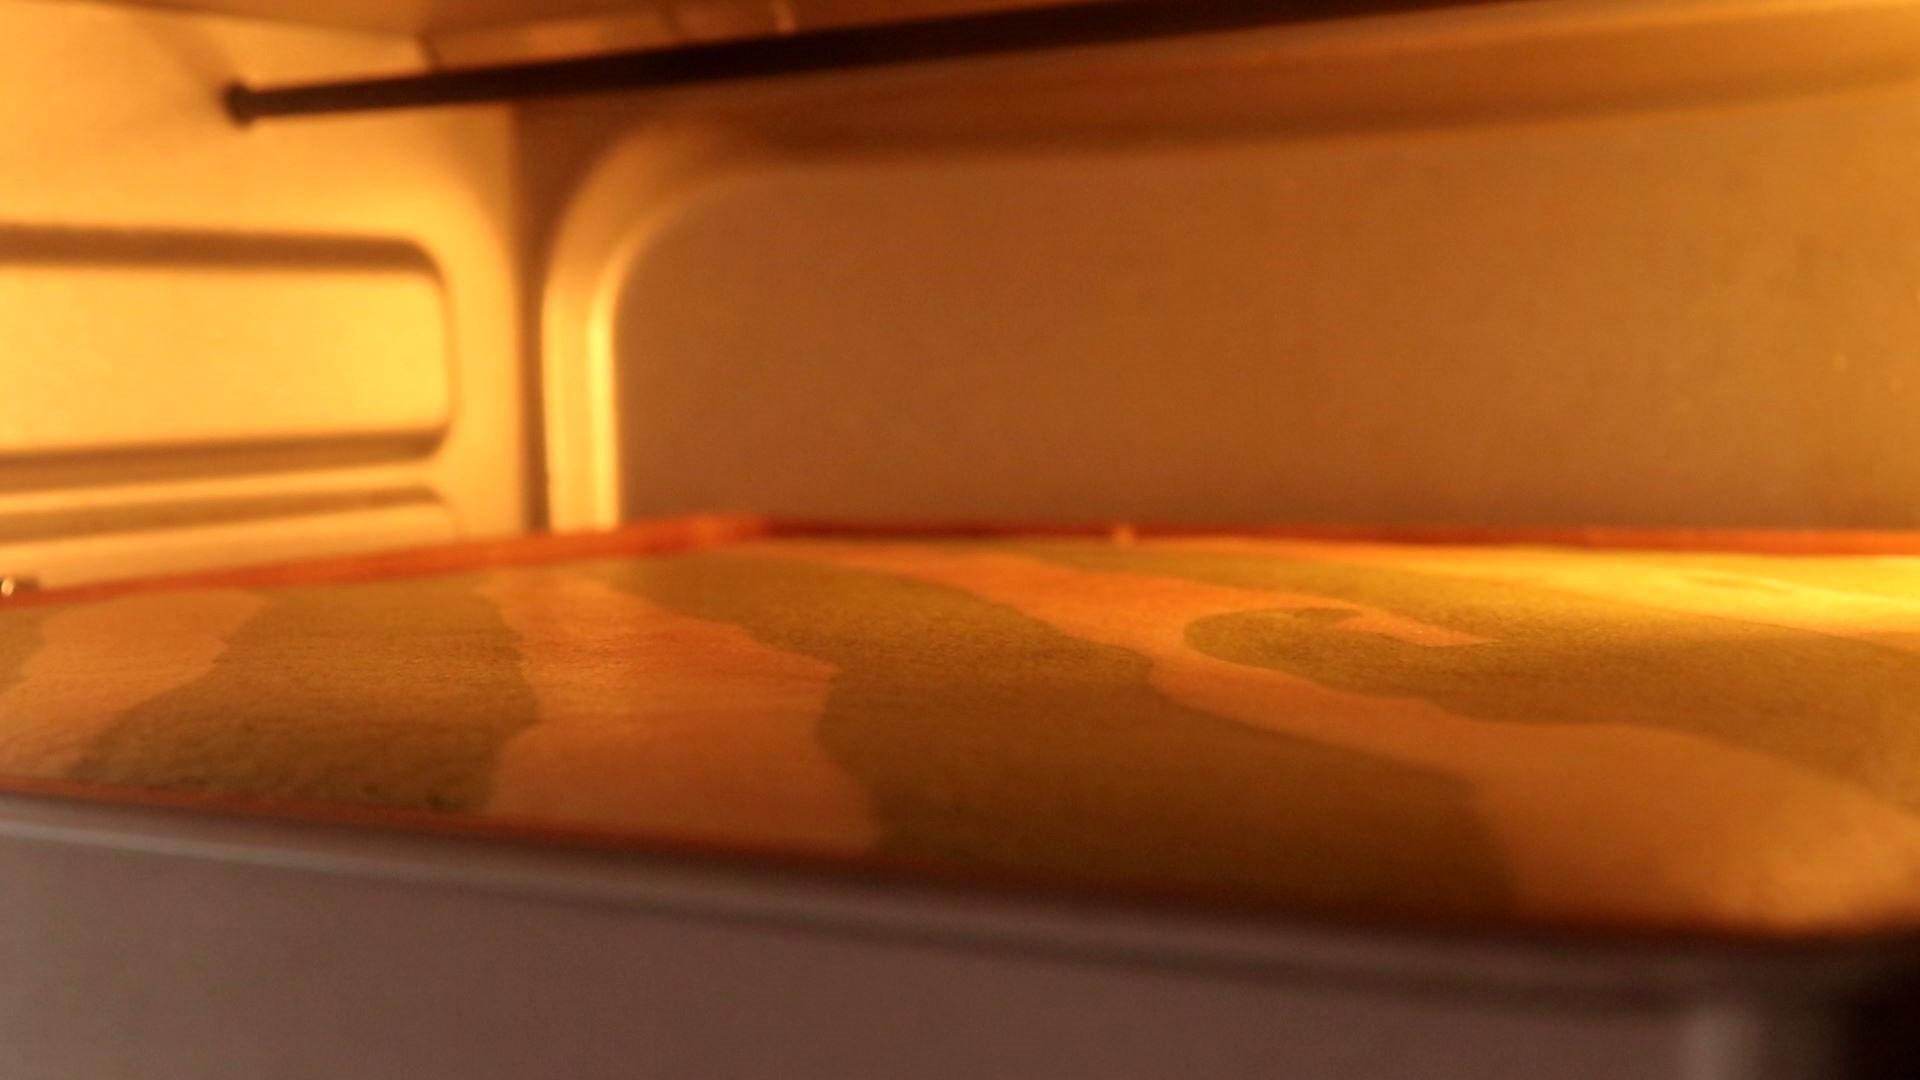 圣诞草莓蛋糕卷,20min后,上管150度,下管170度,烤10min</p> <p>tips:我的烤箱20min后基本还没怎么上色,所以继续调至此温度,烤10min,表面刚好</p> <p>